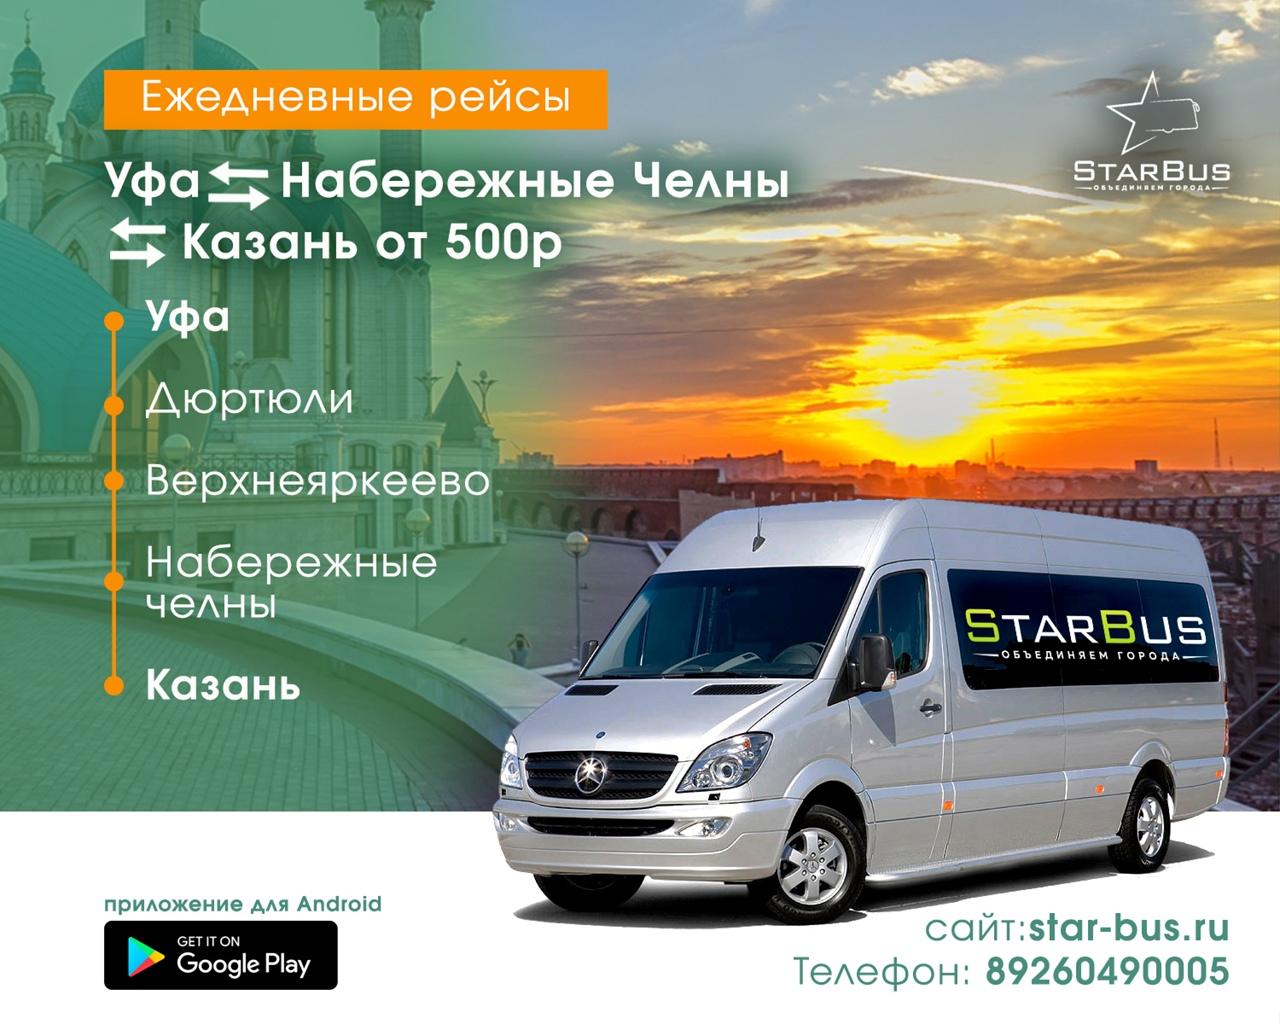 Автобус Уфа-Набережные Челны